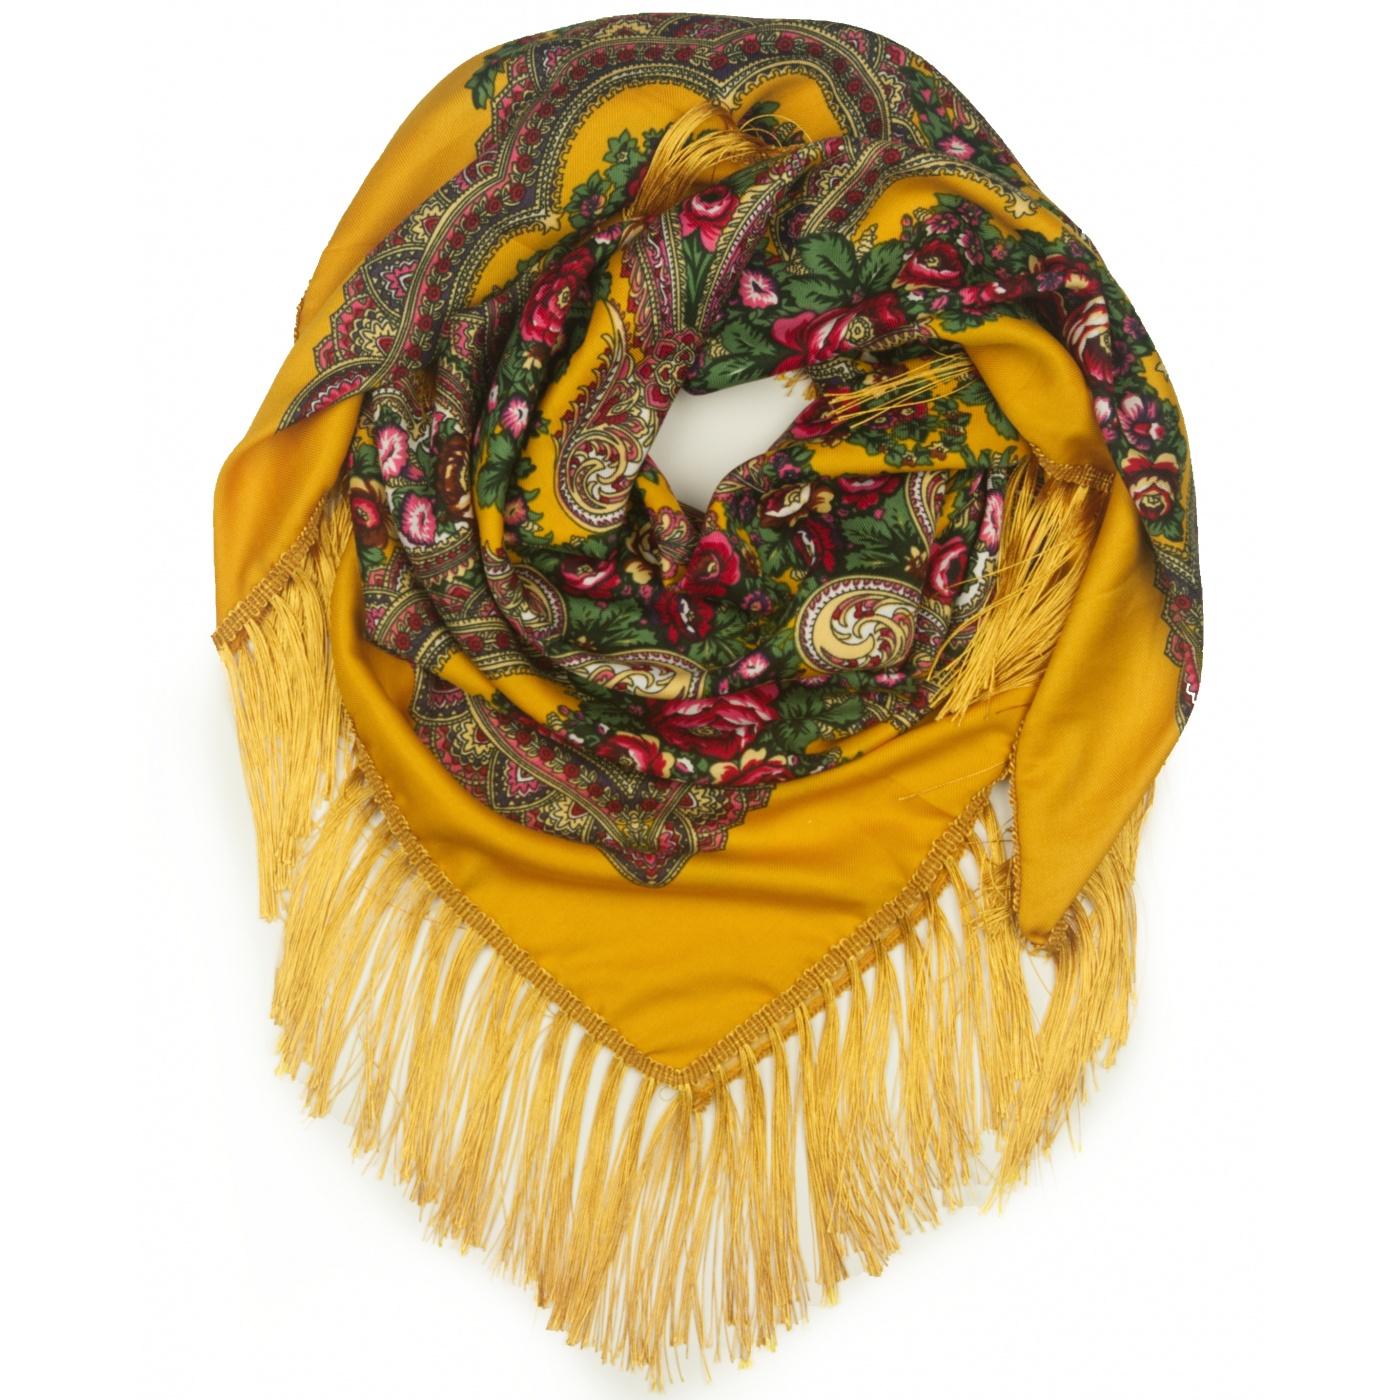 Chusta w ludowe folklorystyczne wzory – musztardowa żółta